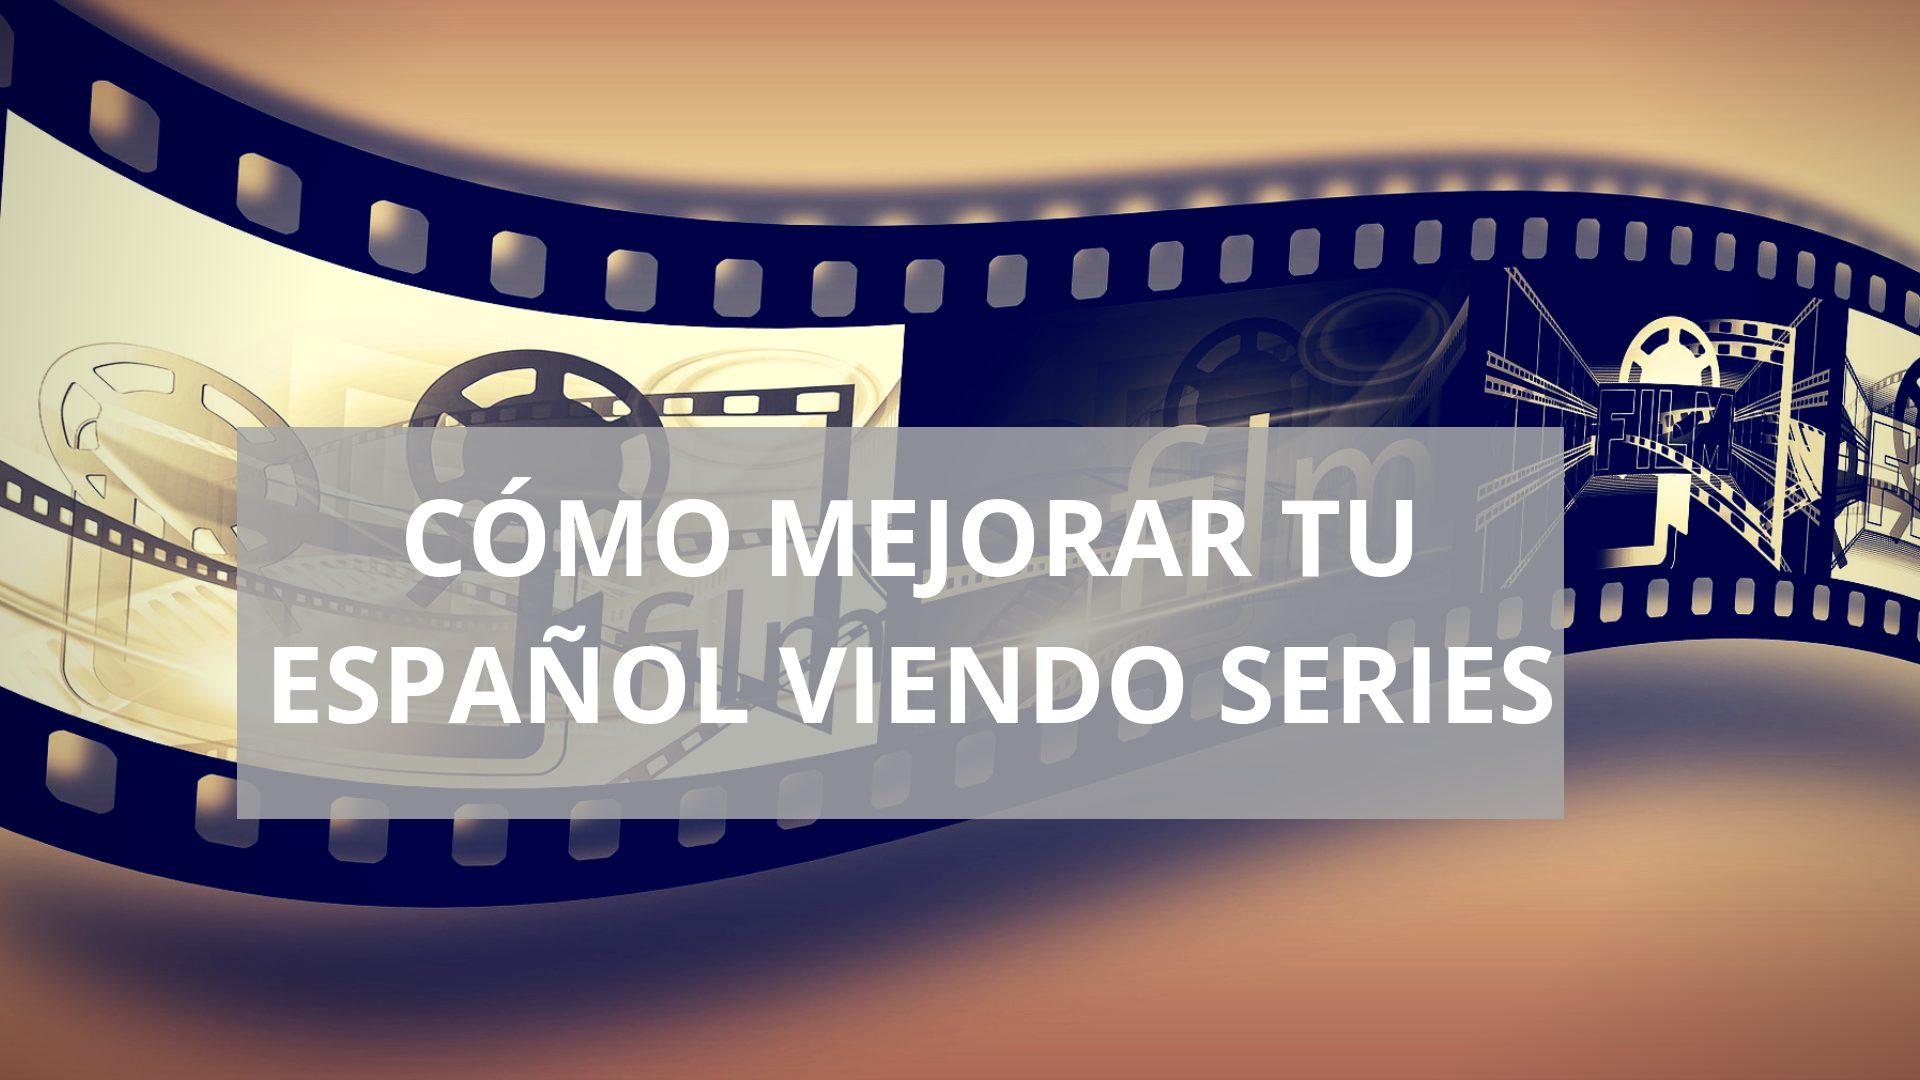 Cómo mejorar tu español viendo series